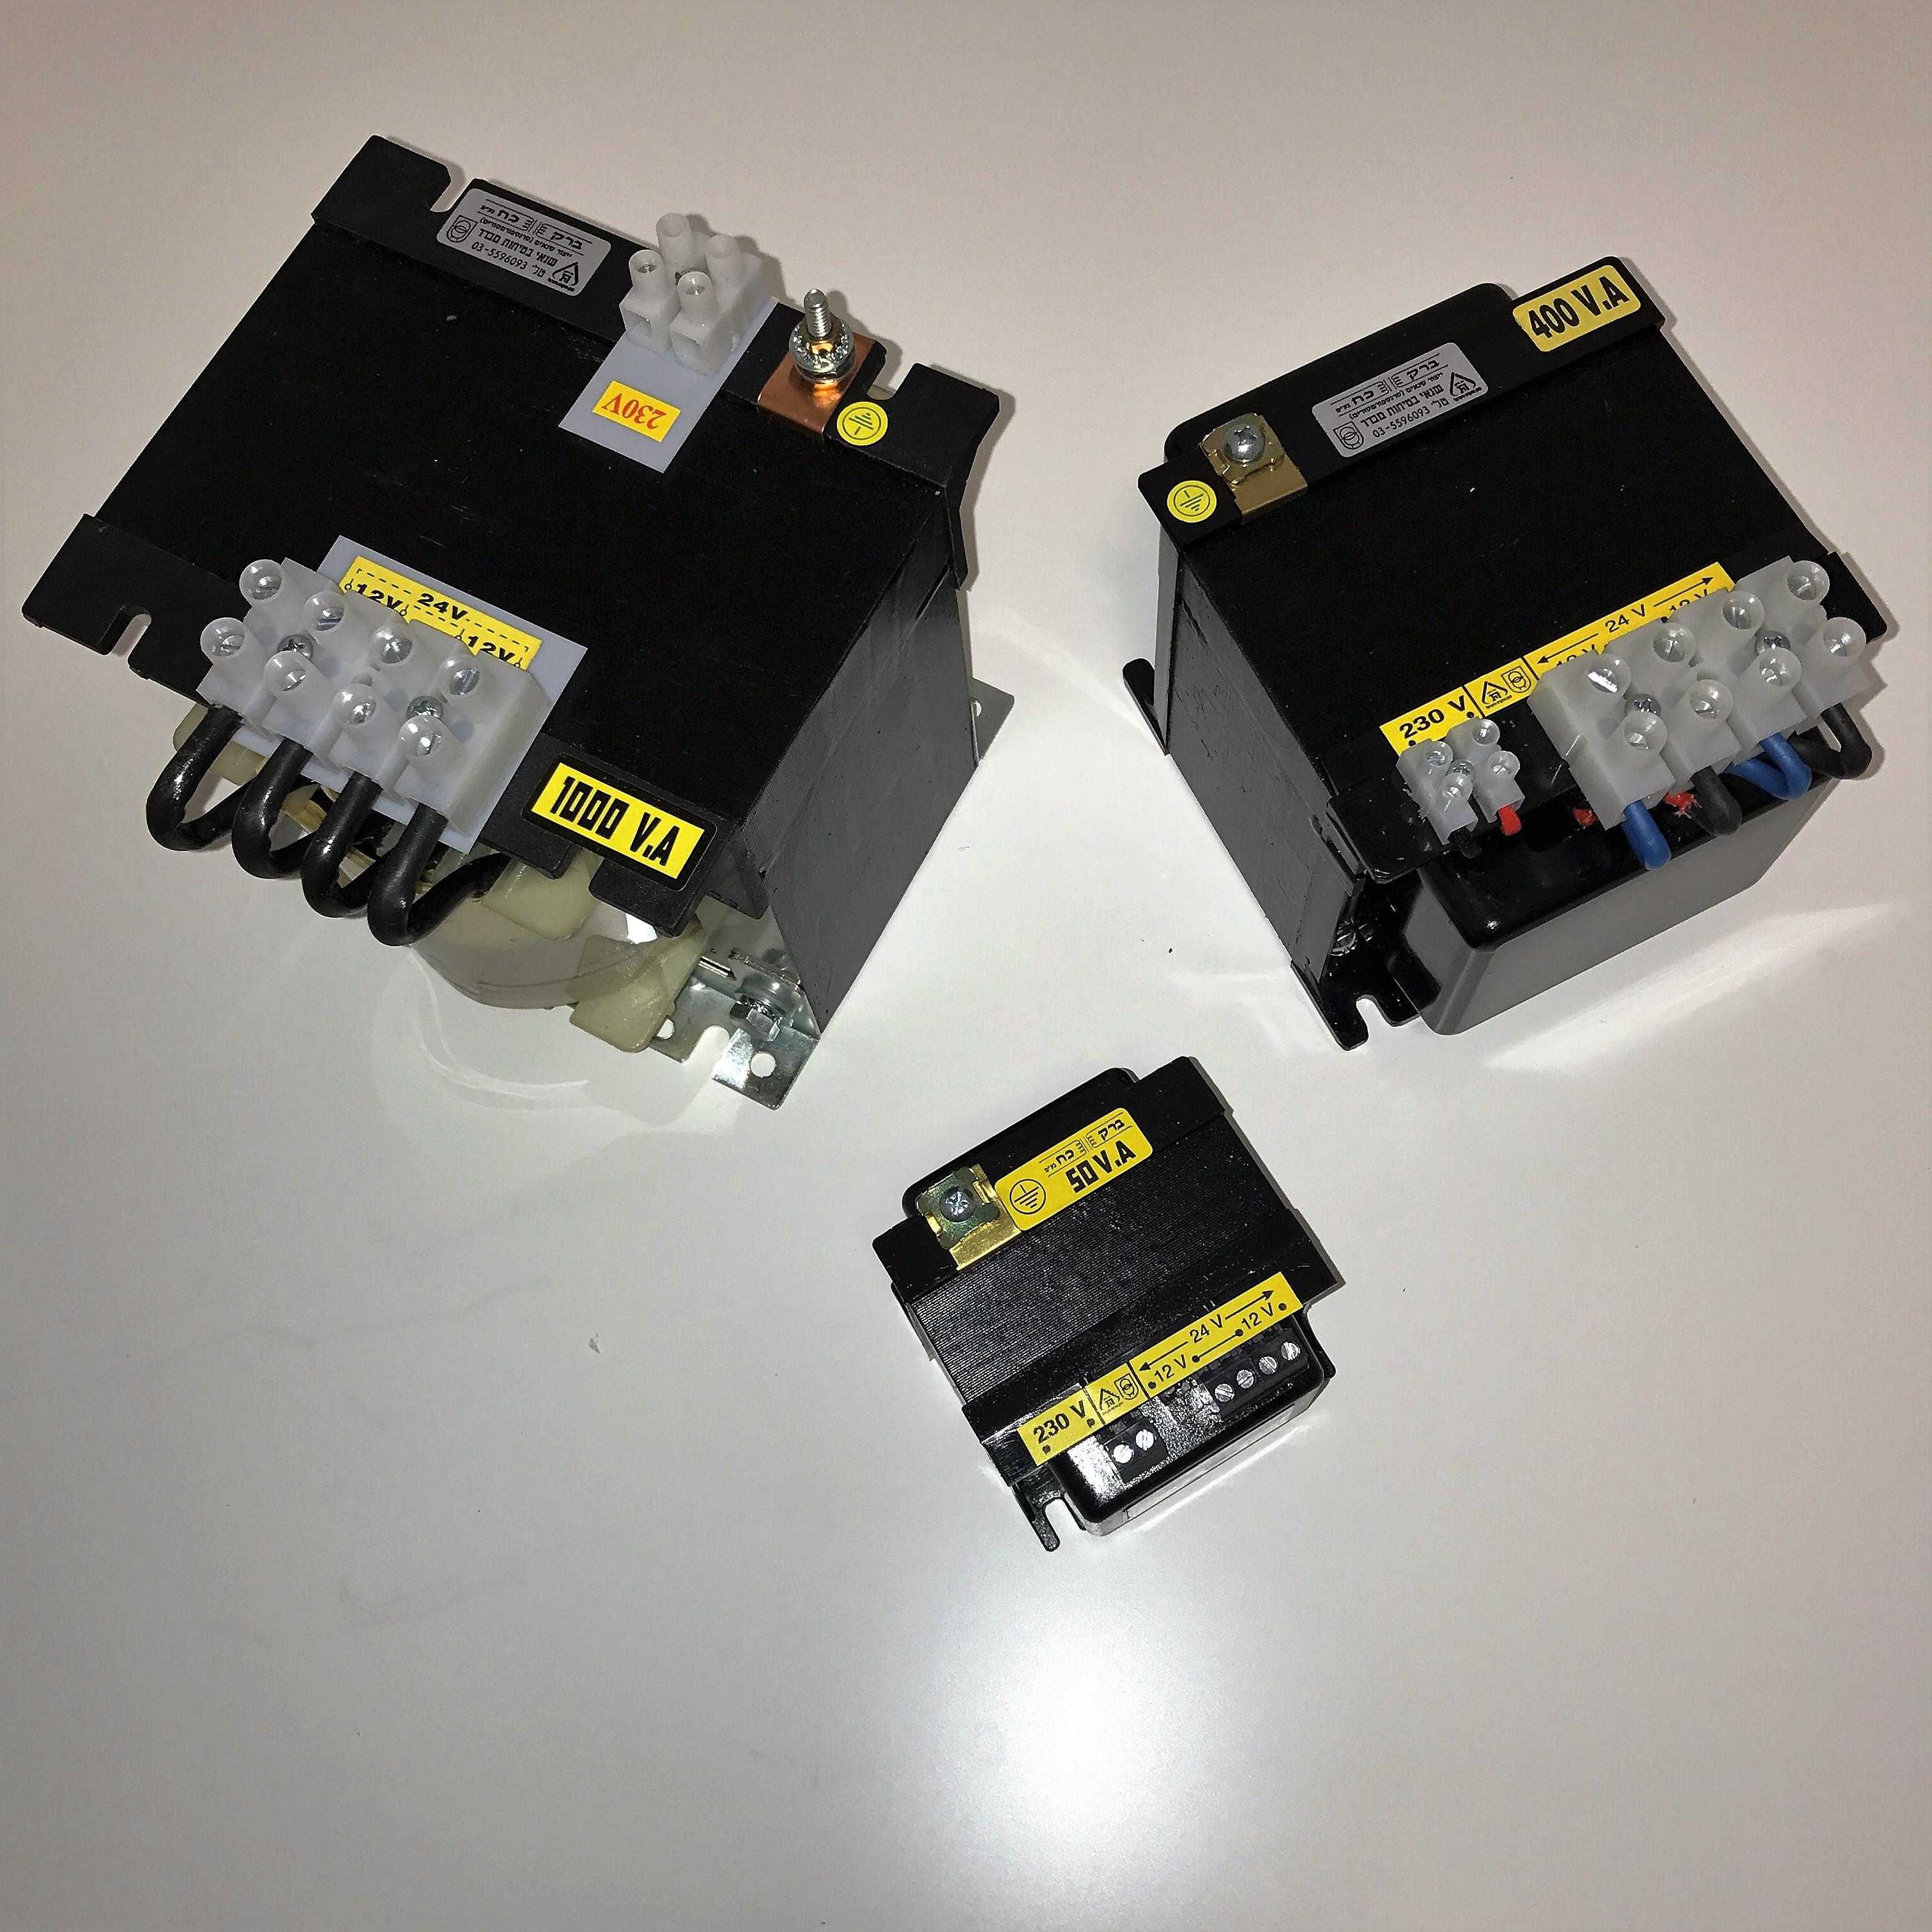 שנאי מבדל בהספק 6000VA במתחים 230V-12V+12V